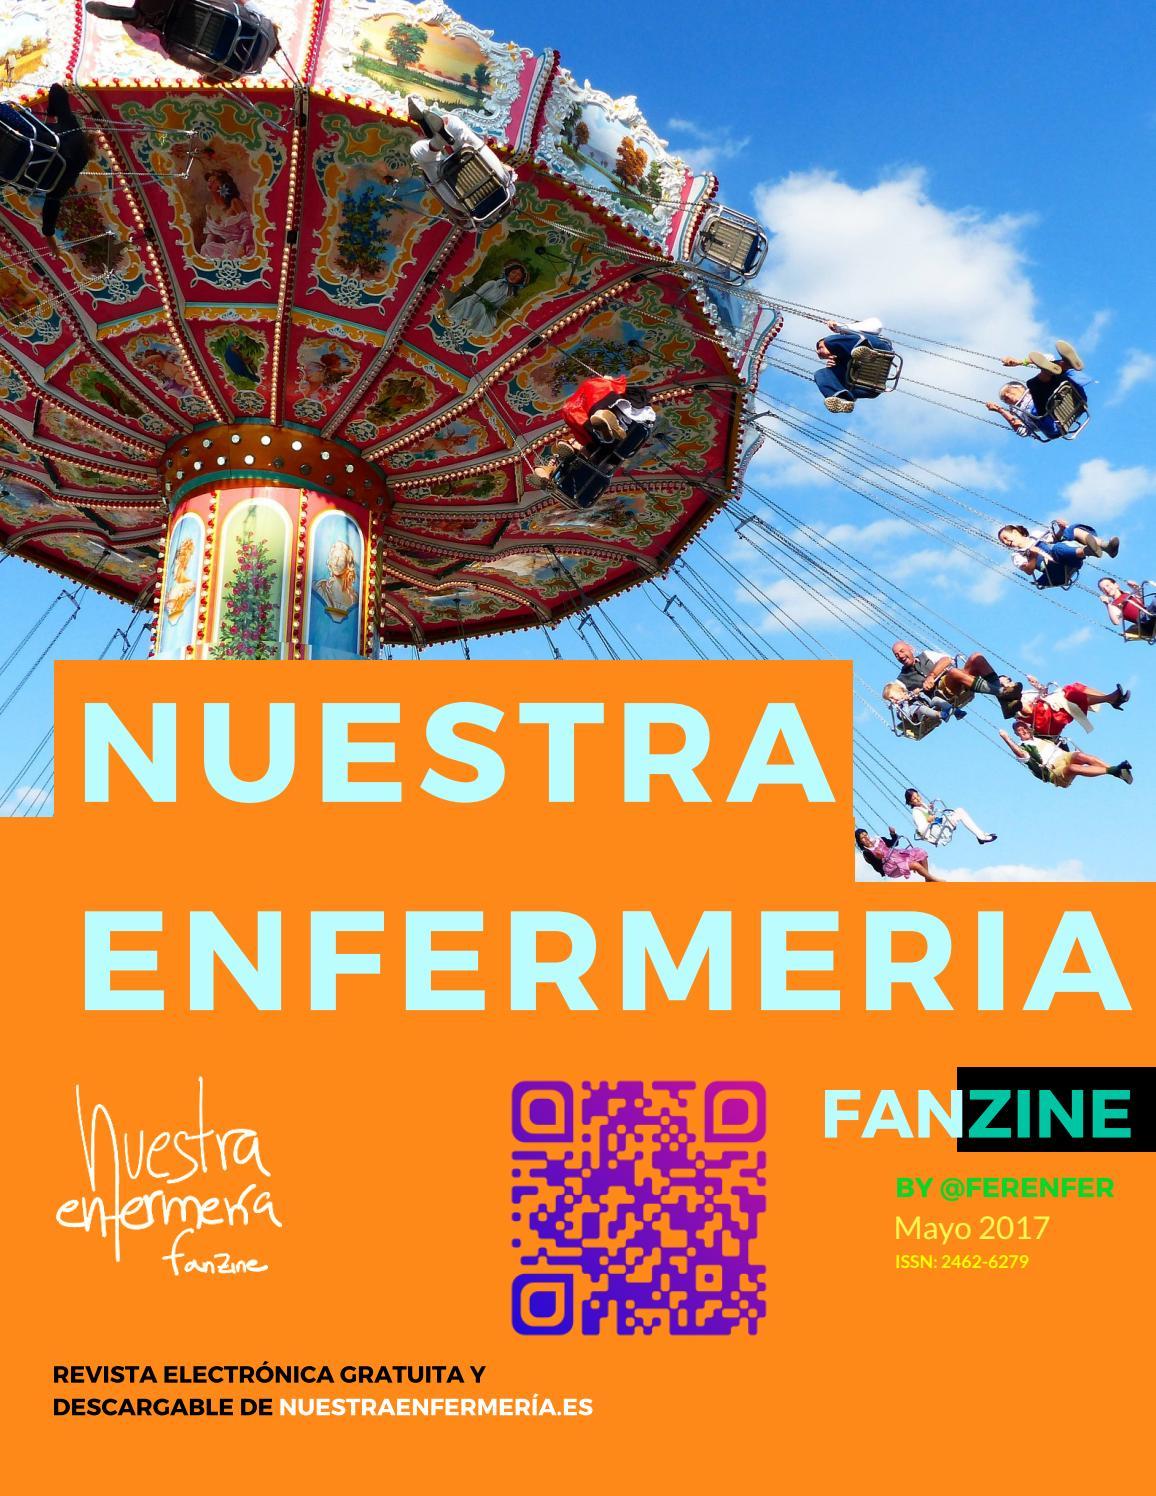 Fanzine Enfermería mayo 2017 by Nuestra Enfermería Fanzine - issuu